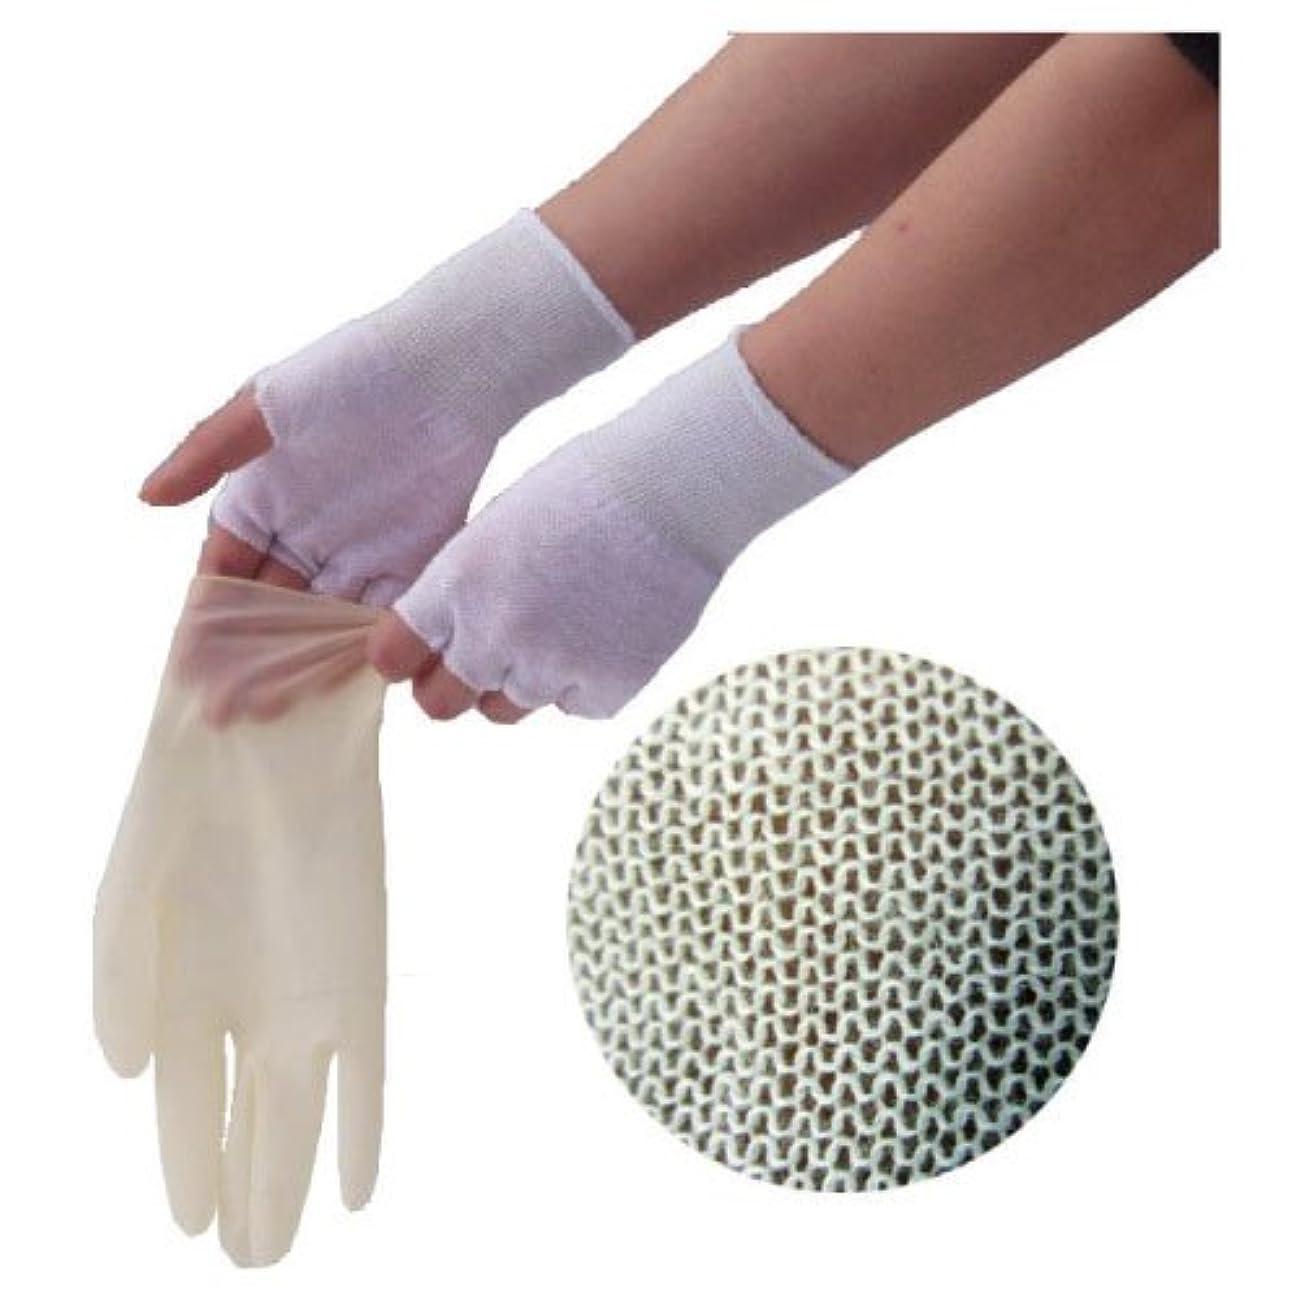 繊細ナビゲーション抜本的なやさしインナー手袋(指なし) GI02 フリー 材質:ナイロン